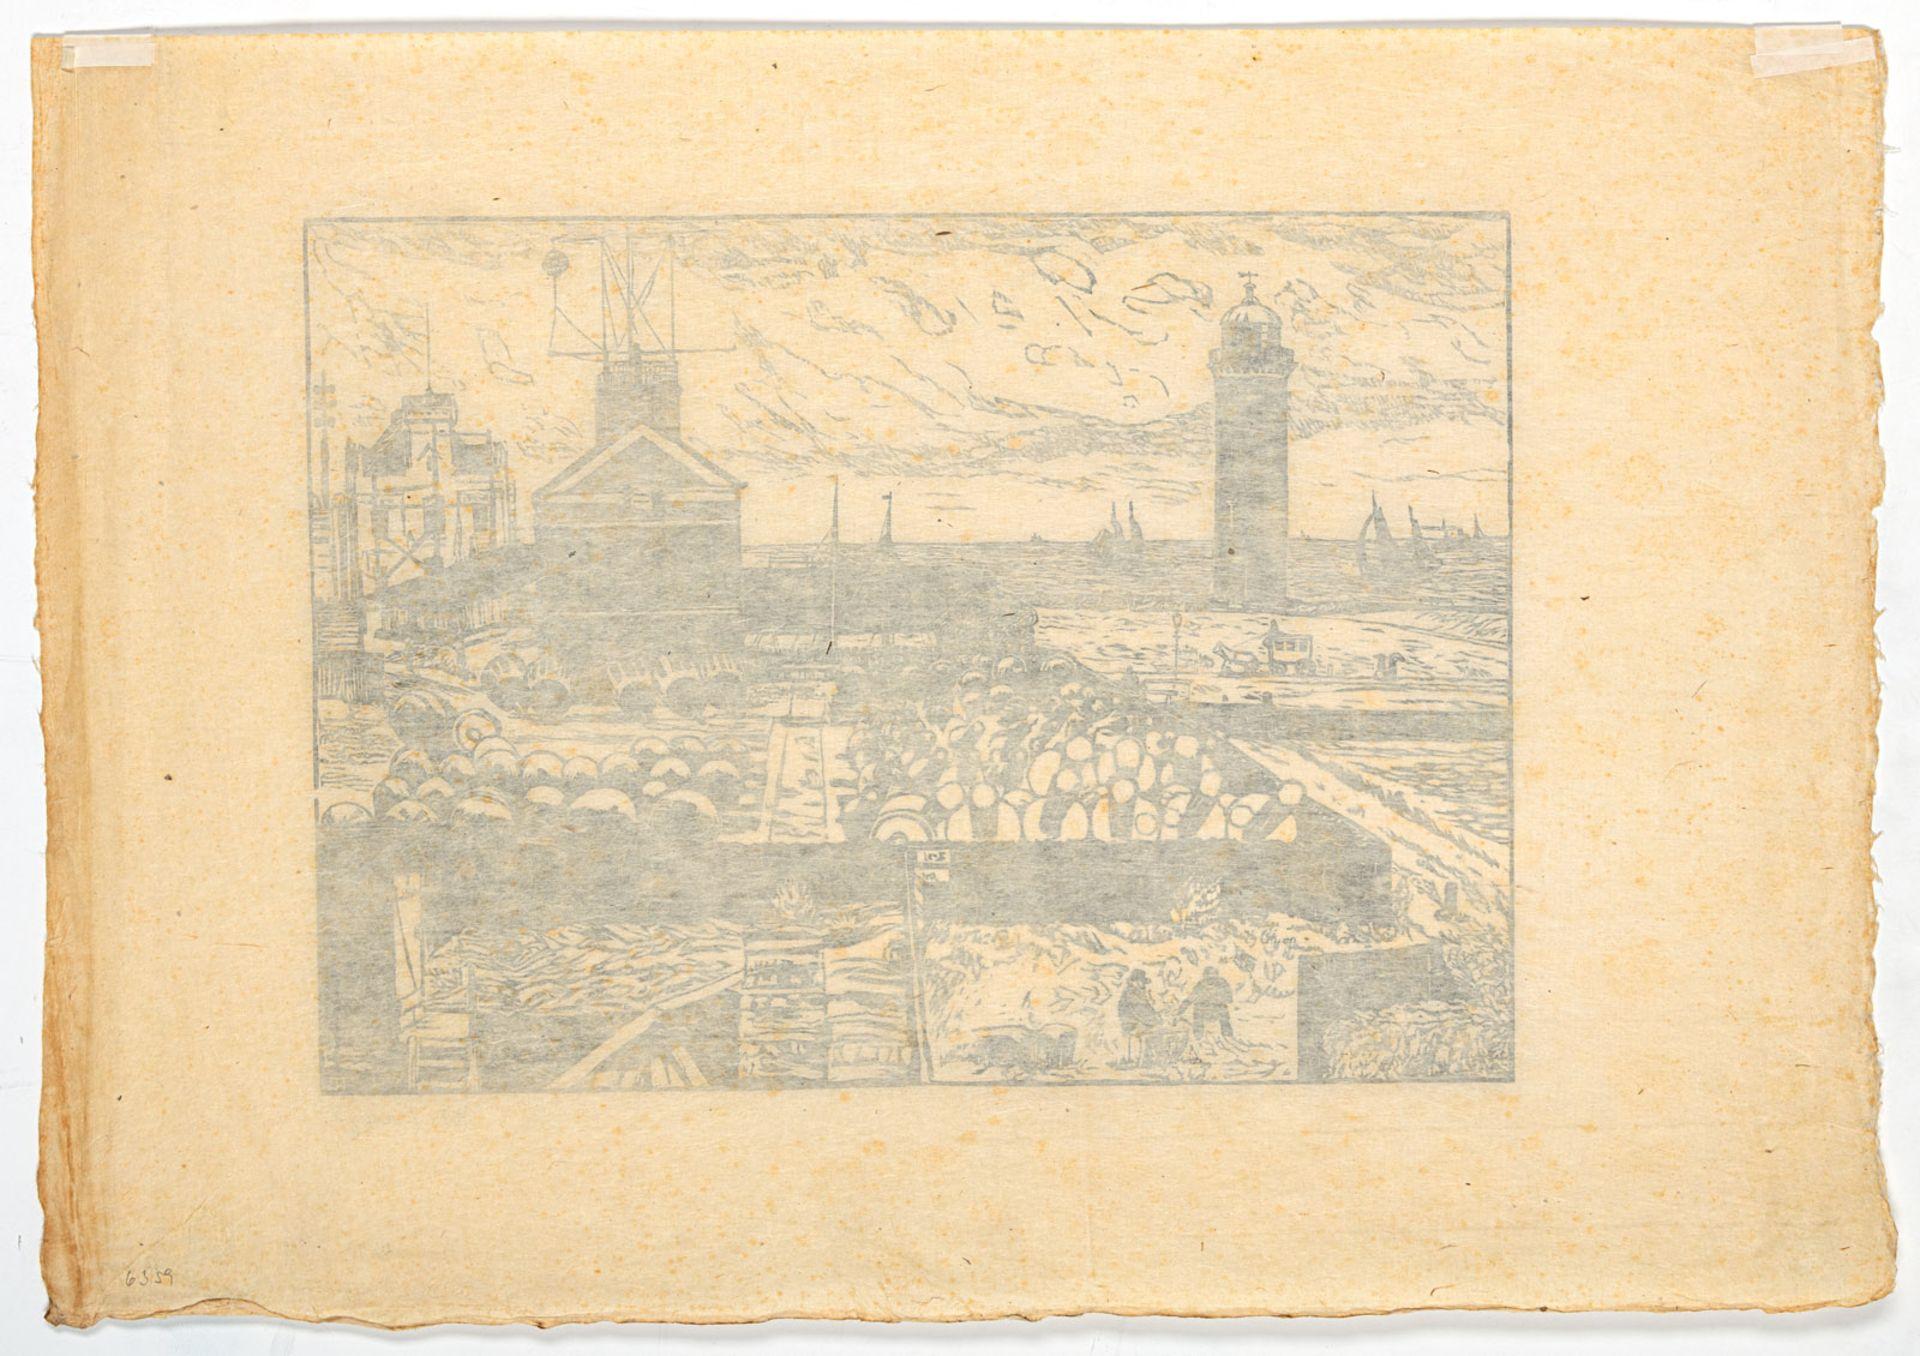 Laage, Wilhelm - Image 4 of 6